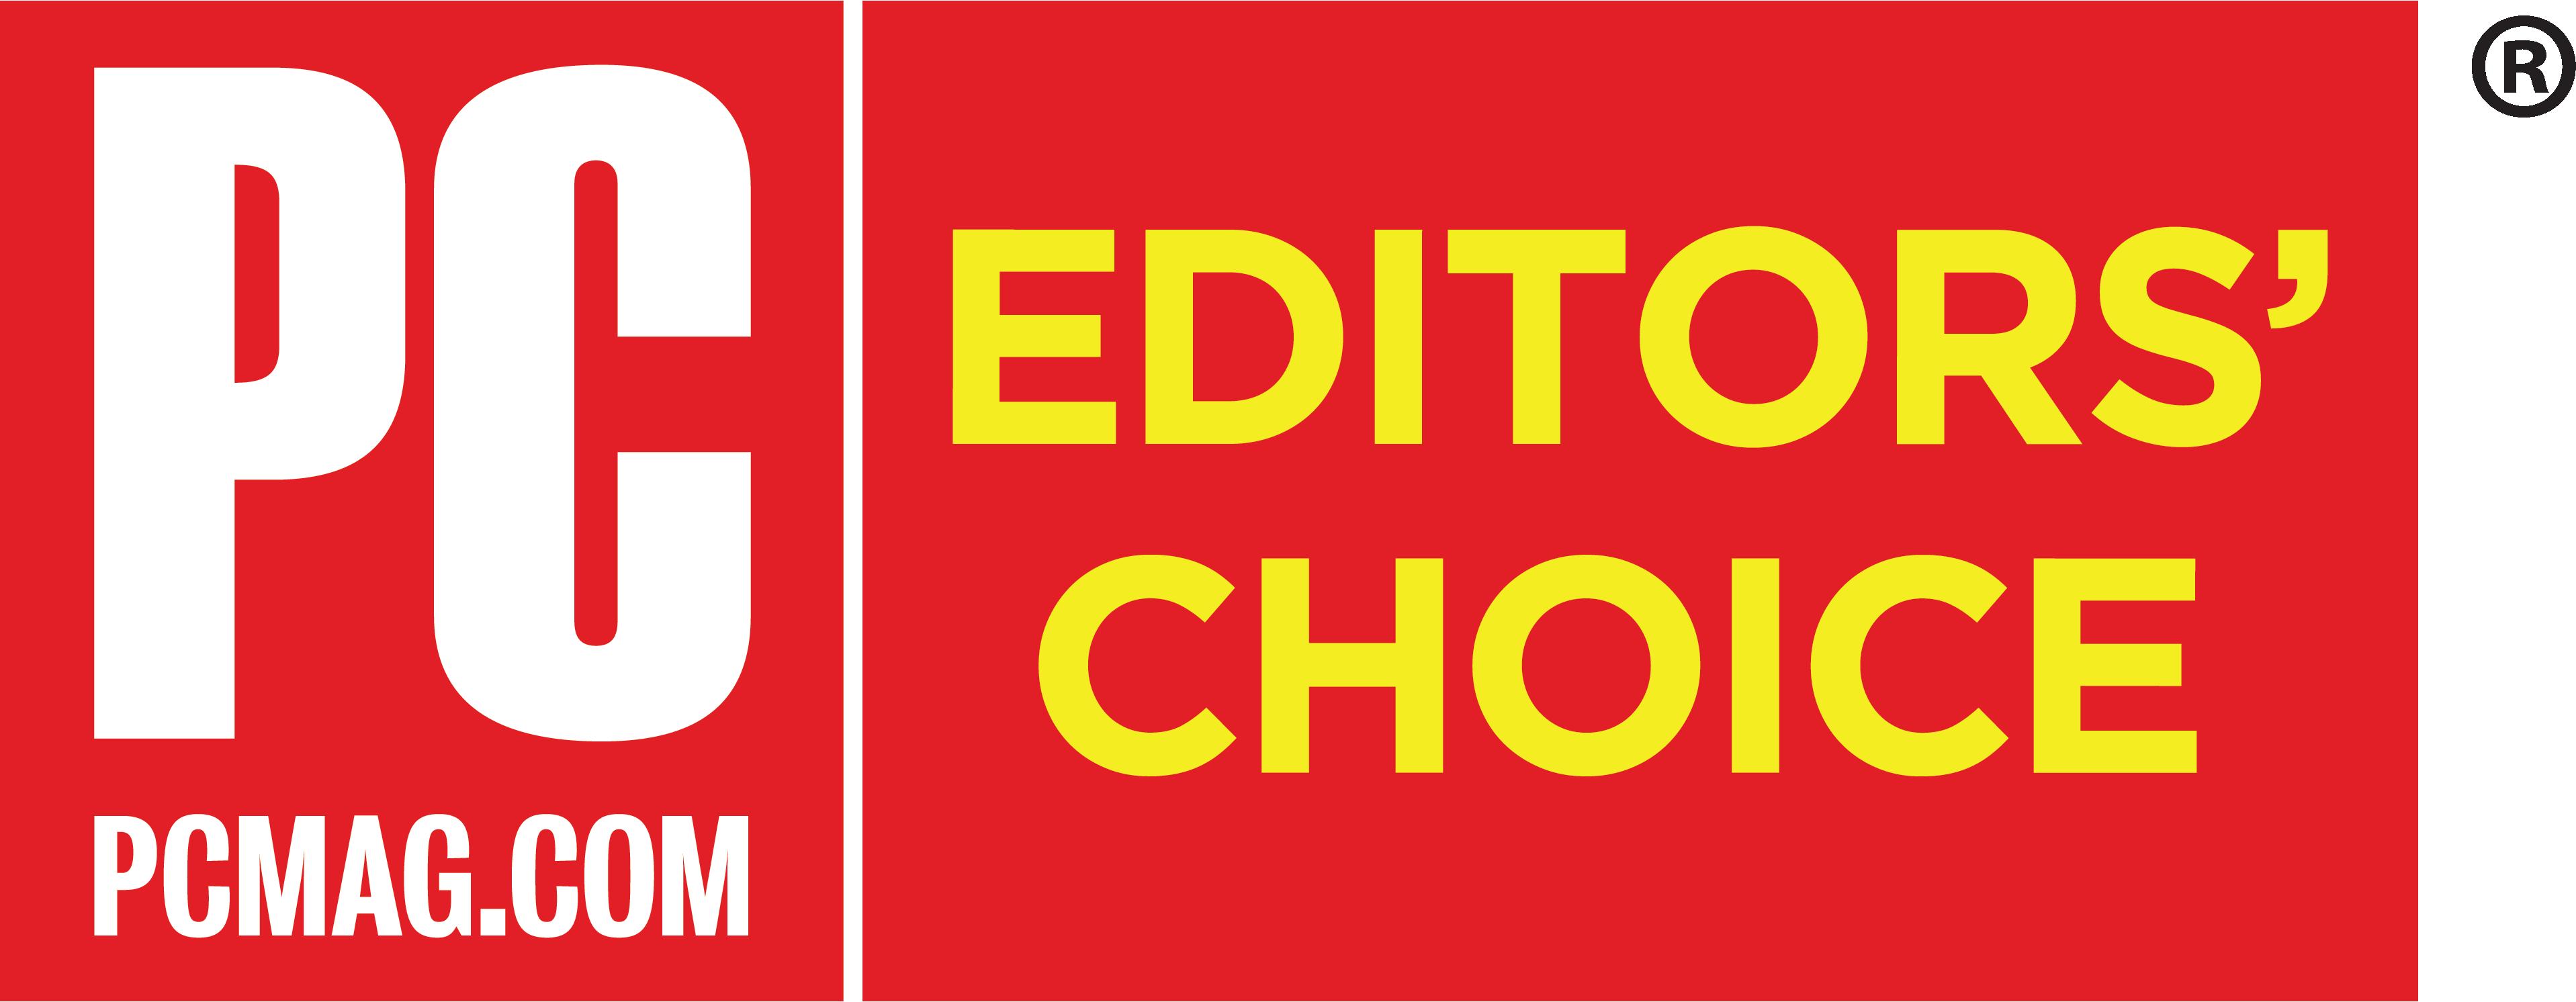 PCMag's Editors' Choice